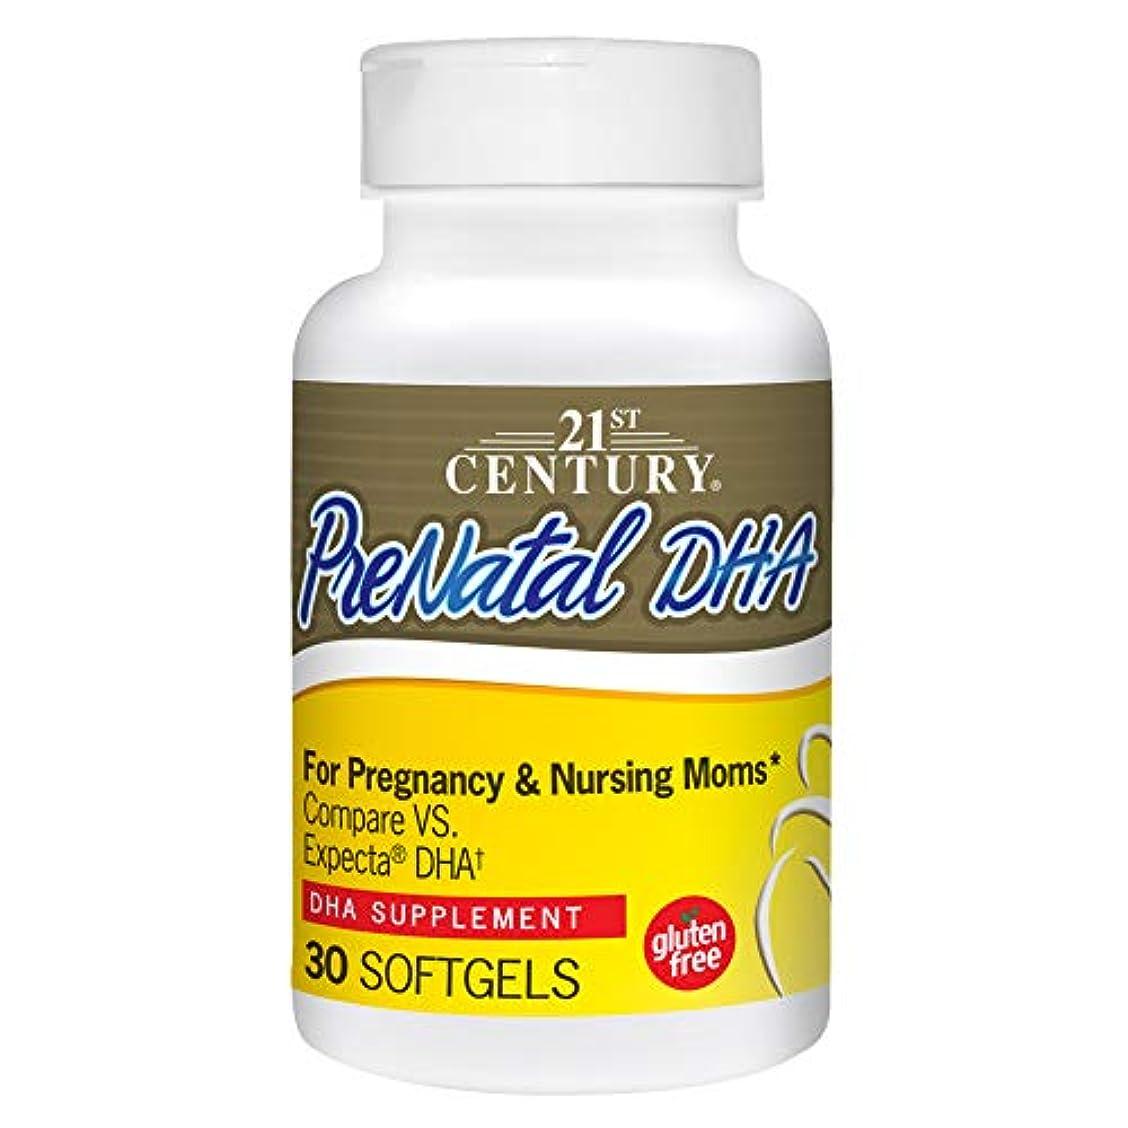 アラート揺れる思慮のない妊婦用 PreNatal DHA 出生前DHA30ソフトジェル (パラレル入力品)と妊婦(海外カラの直送品)PreNatal DHA 30 Softgels